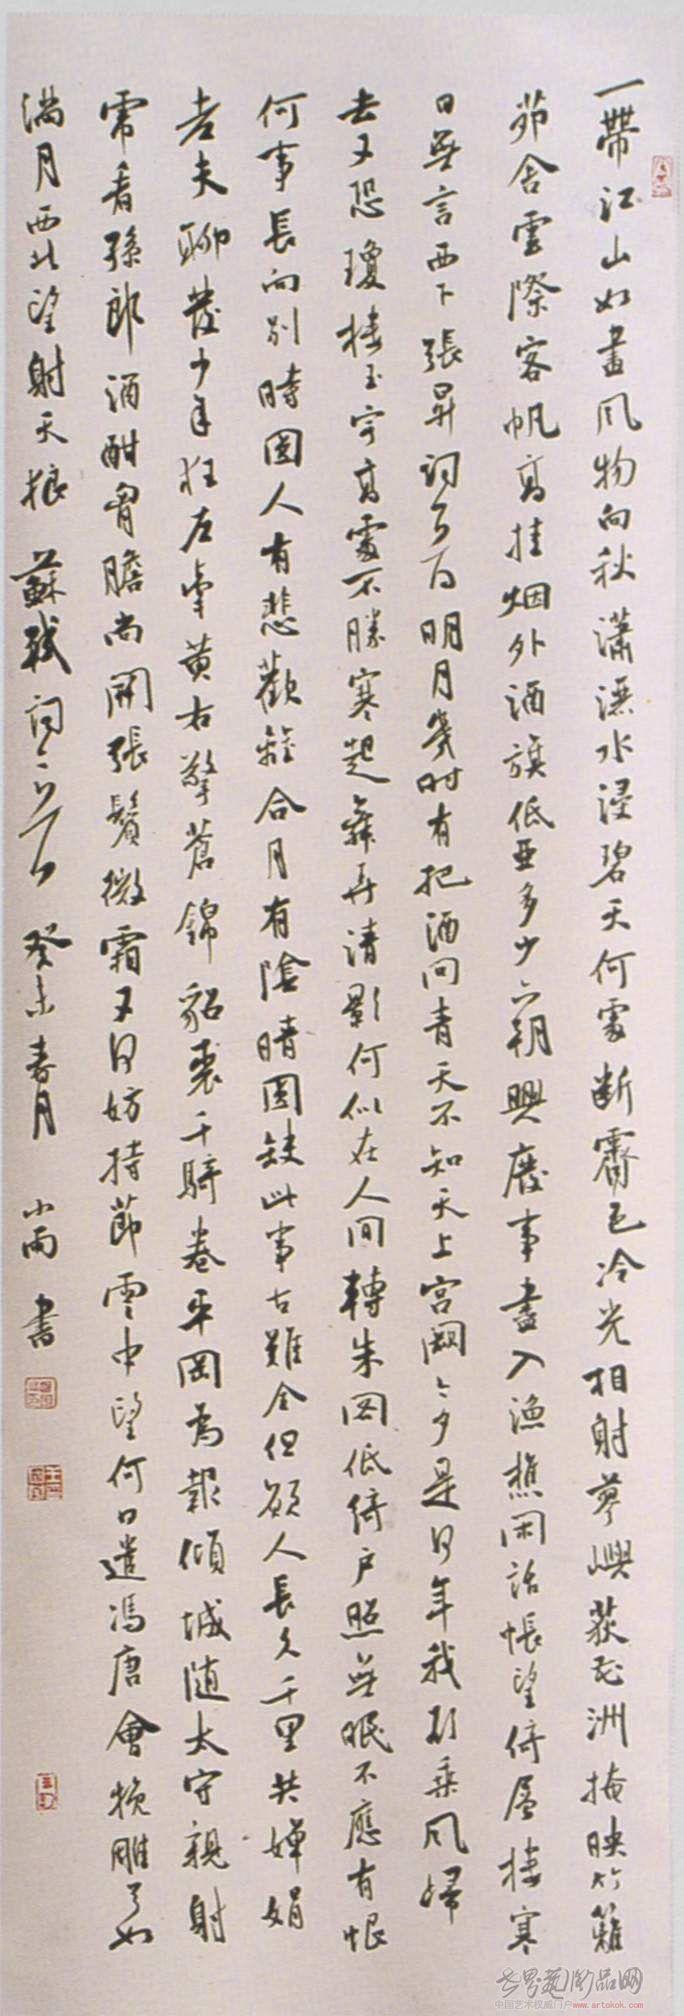 作品2-臧海洋-淘宝-名人字画-中国书画交易中心,中国